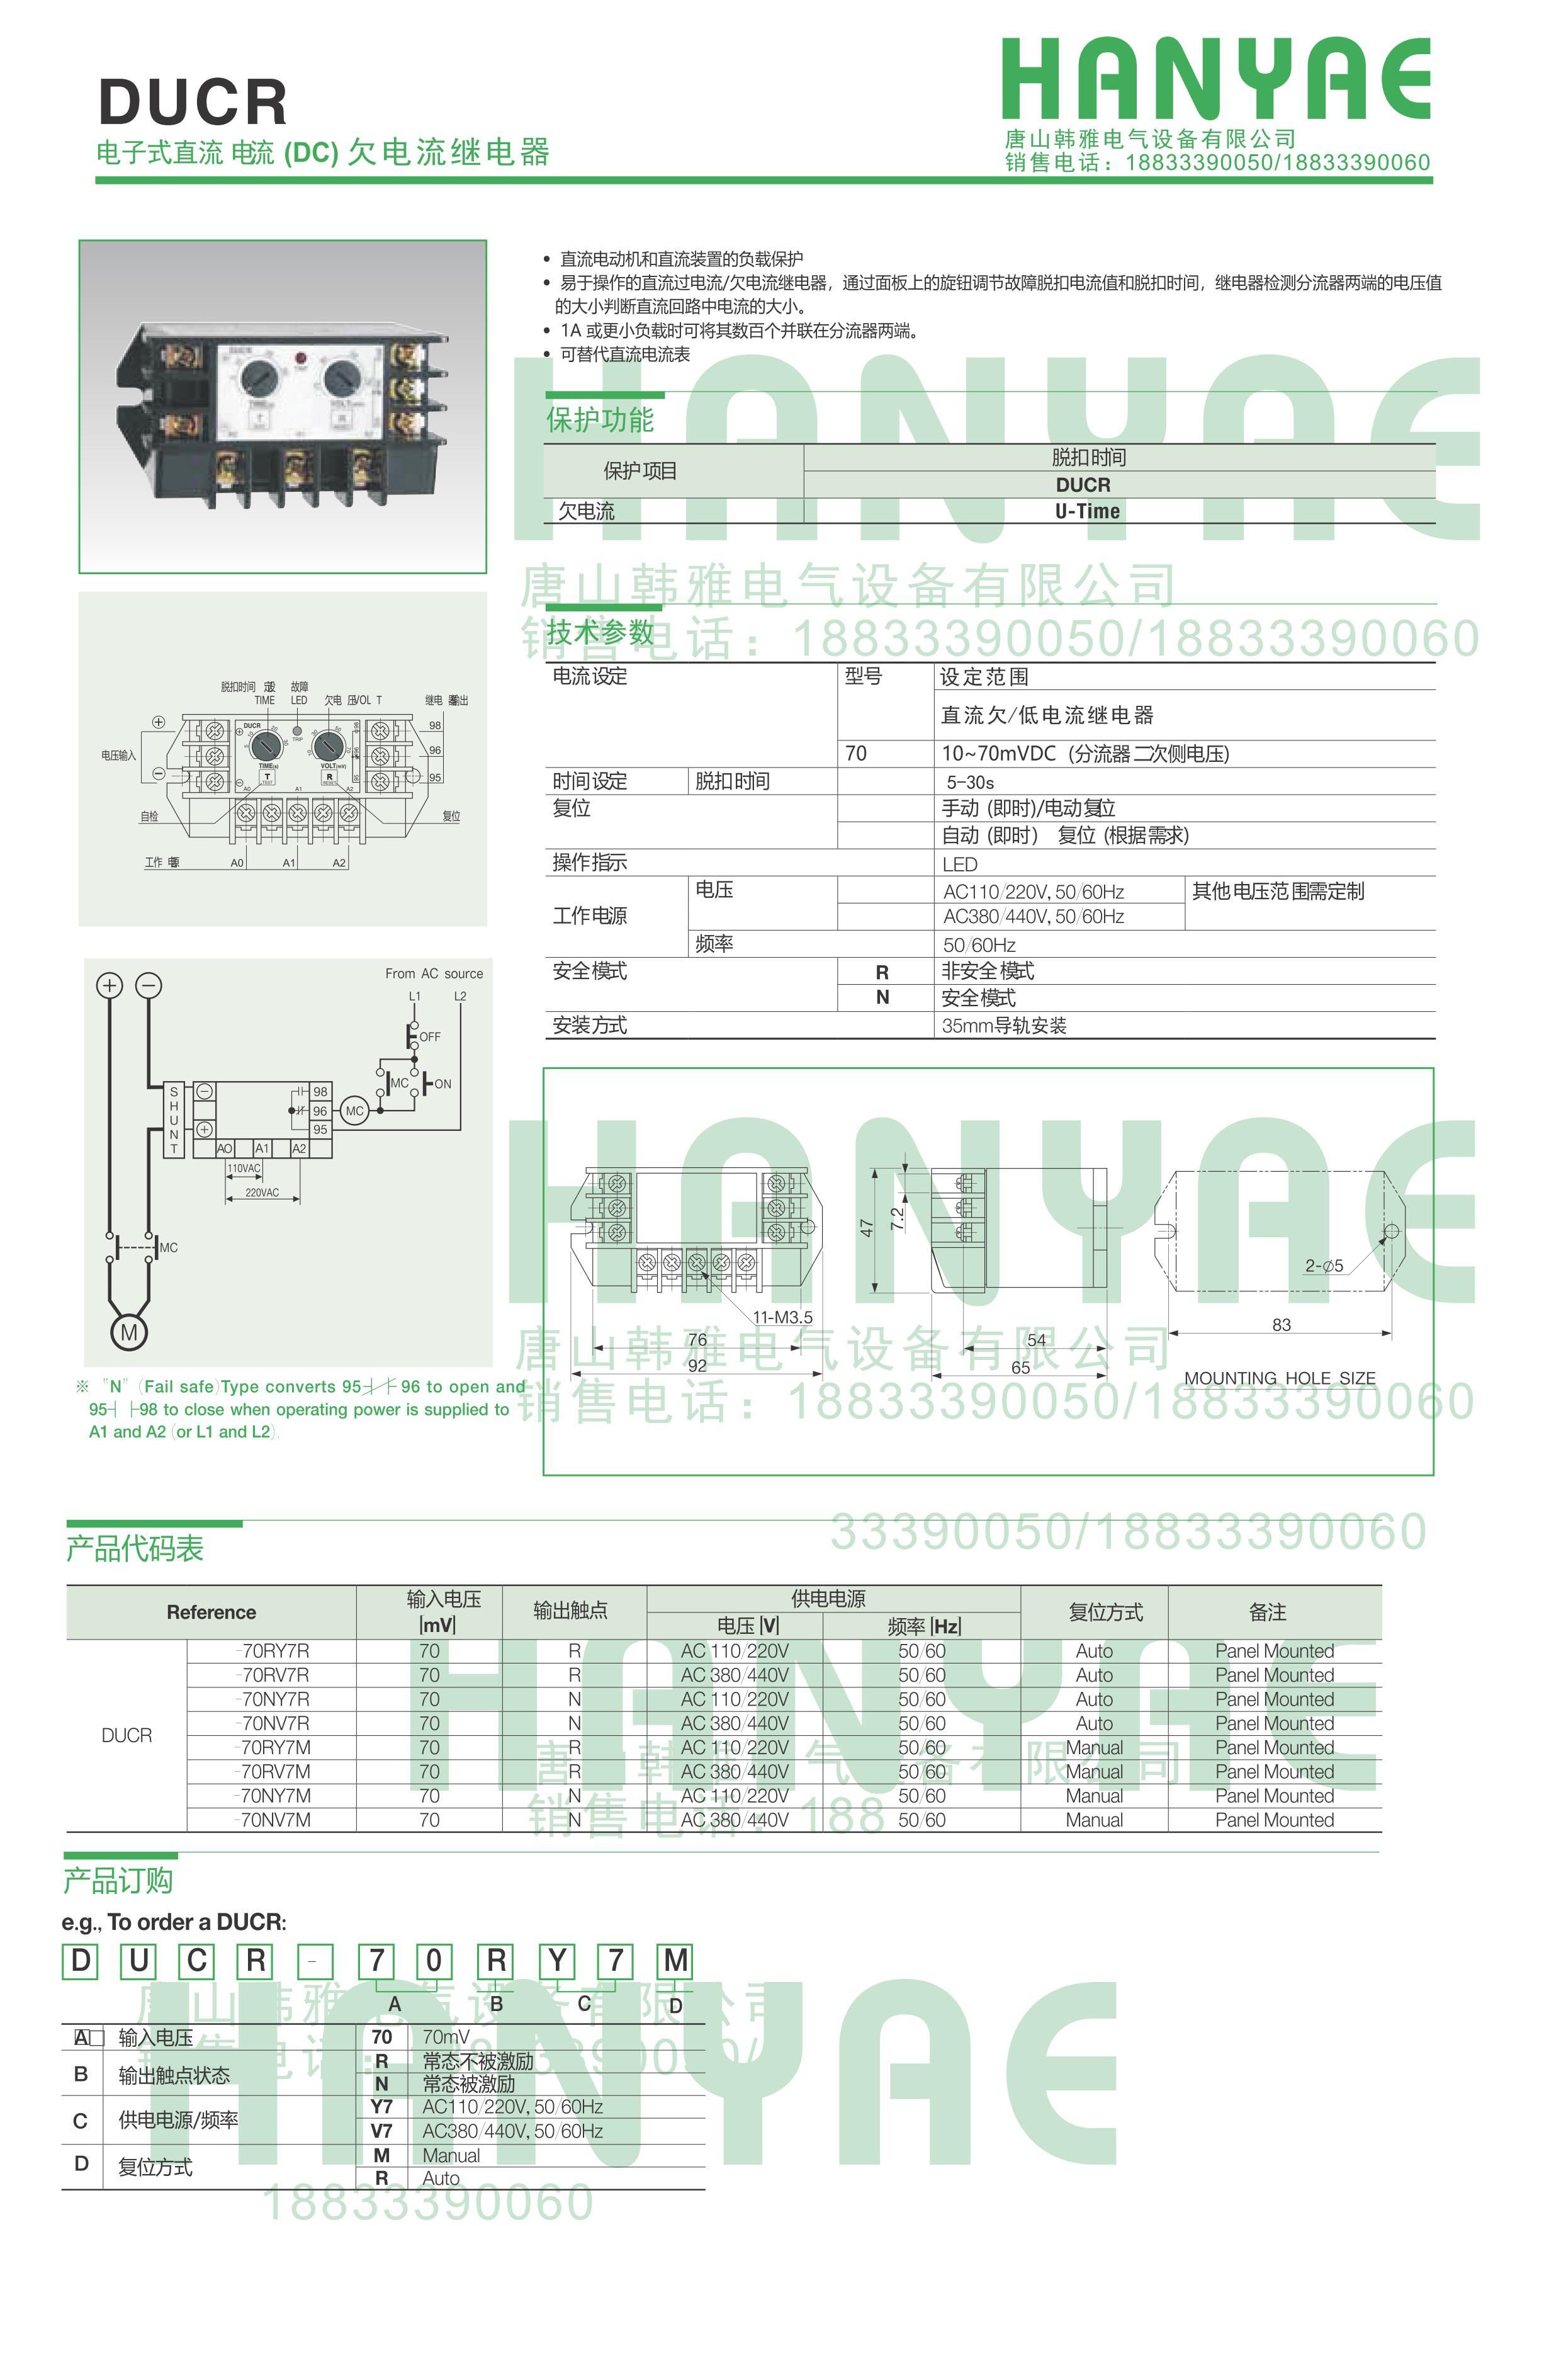 施耐德EOCR(原韩国三和)-直流保护器DUCR-70RY7M 施耐德EOCR,电动机保护器,马达保护器,电子式继电器,韩国三和SAMWHA